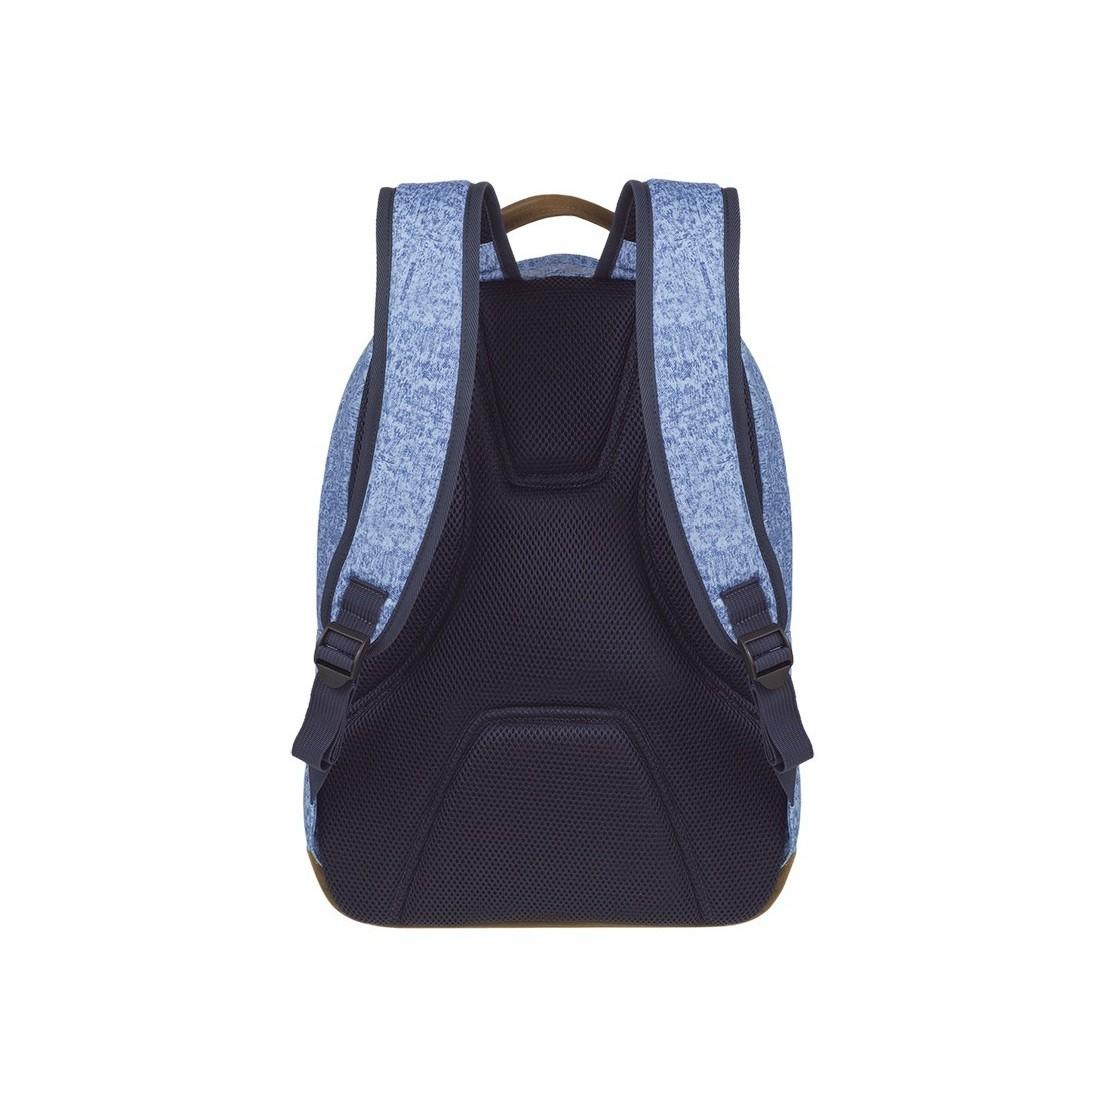 Plecak młodzieżowy CoolPack CP SCOUT SHABBY BLUE niebieski melanż czarne elementy anatomicznie wyprofilowane plecy - A119